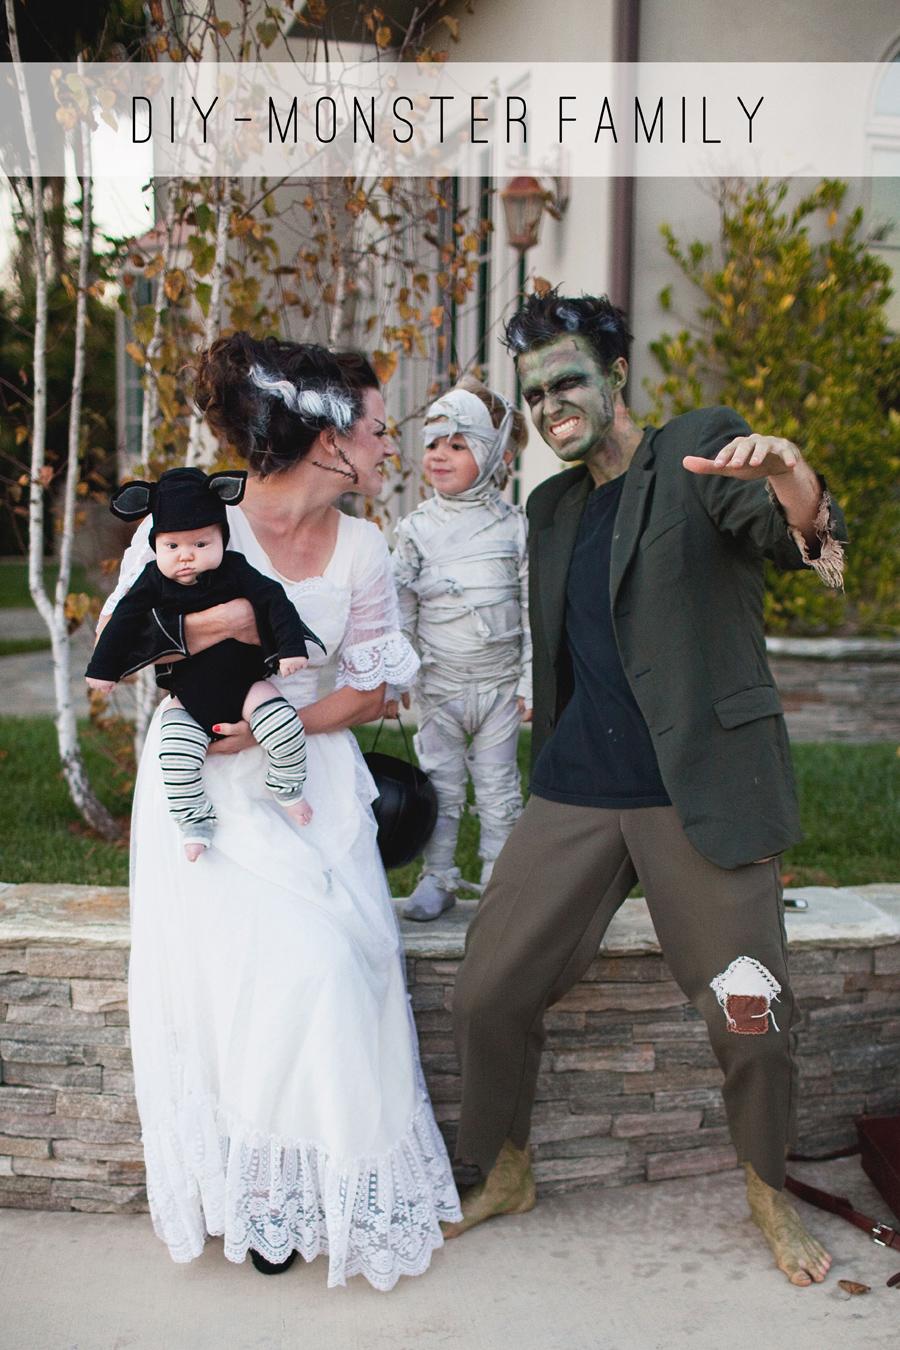 Monster-Family-Costume-DIY